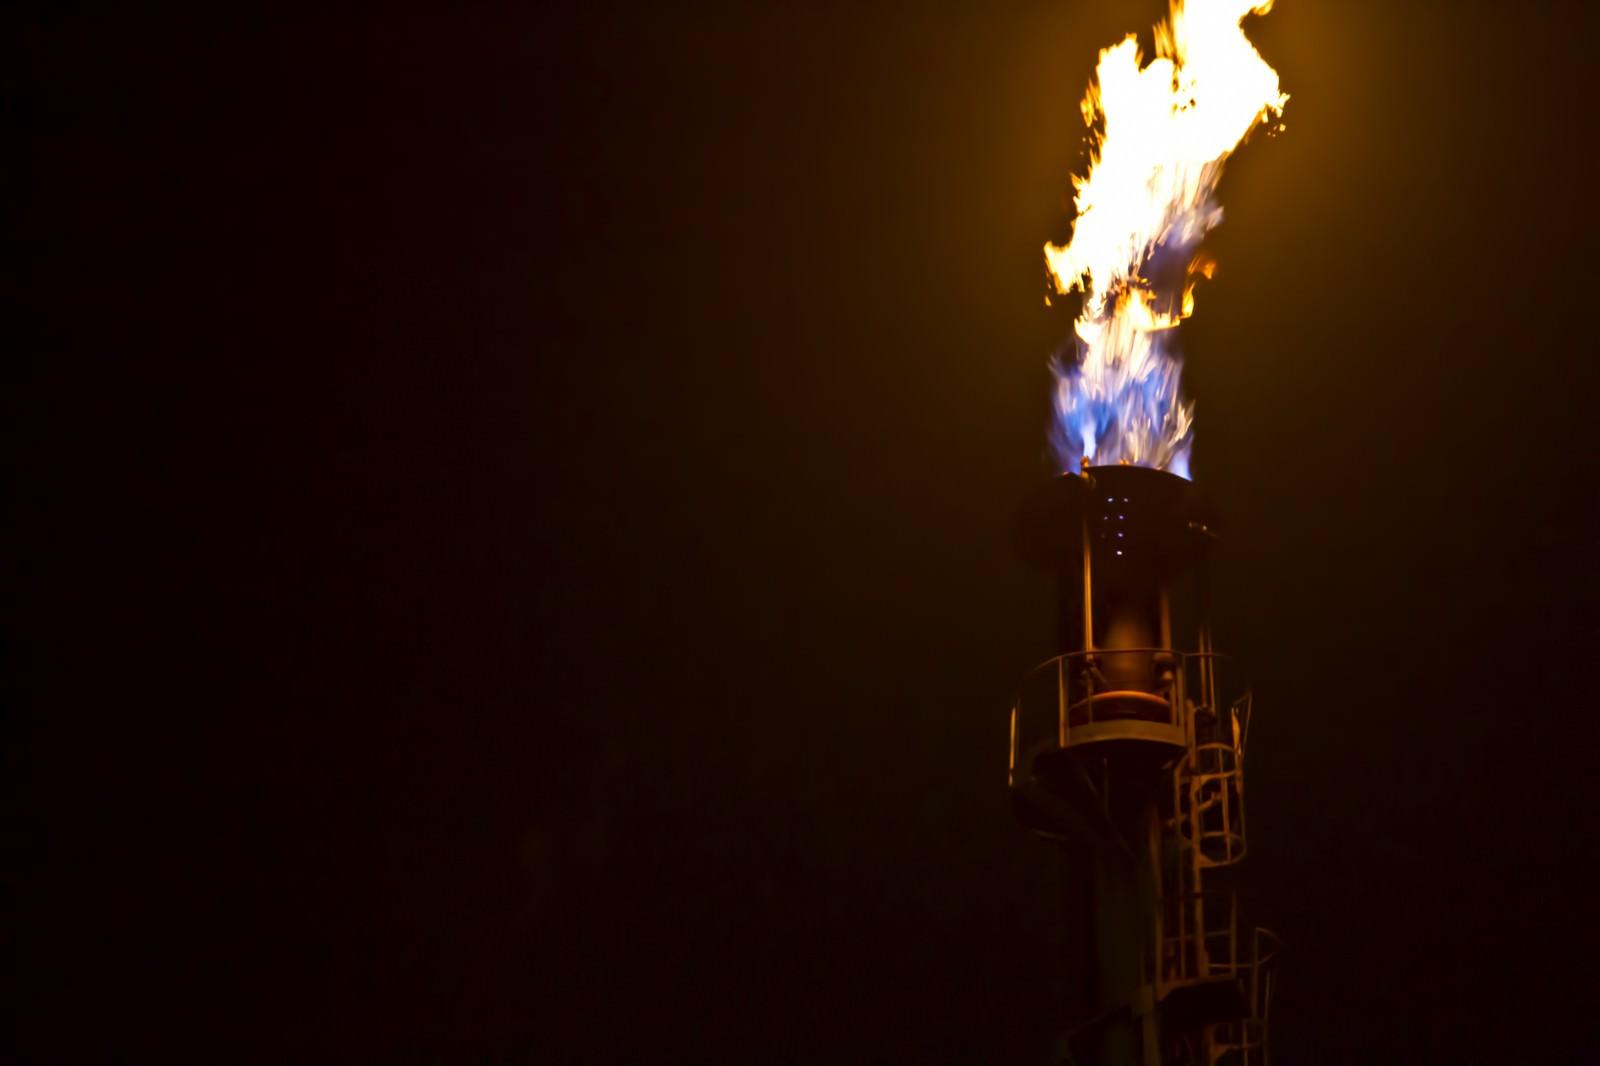 「煙突から燃え上がる炎煙突から燃え上がる炎」のフリー写真素材を拡大